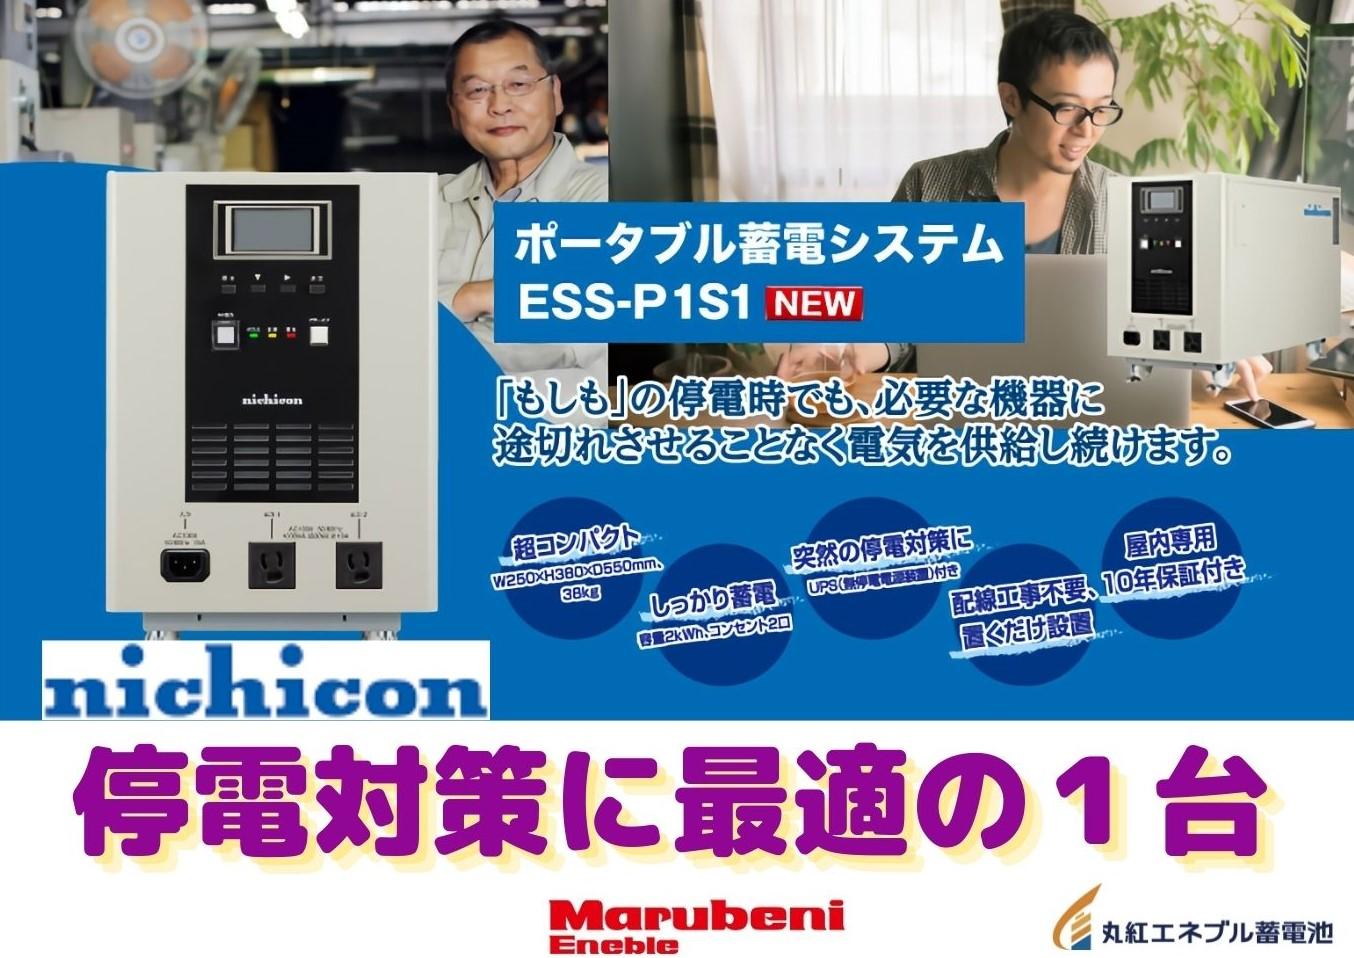 【期間限定】ニチコン・ポータプル蓄電池「ESS-P1S1」2.0kWh・お手頃価格で停電対策に最適-丸紅エネブル